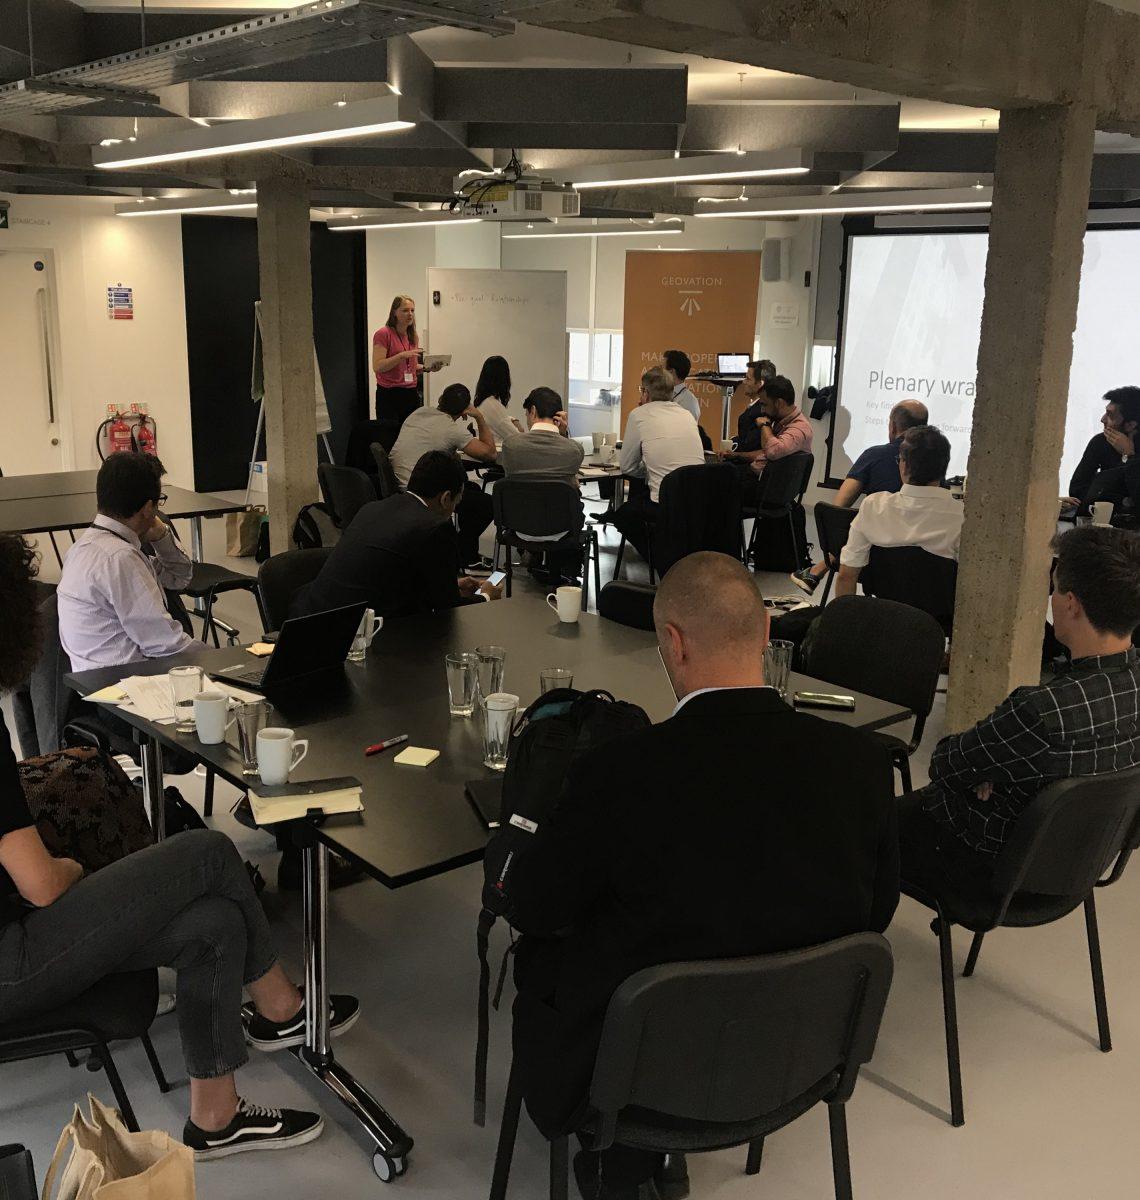 Qflow's roundtable event on procurement